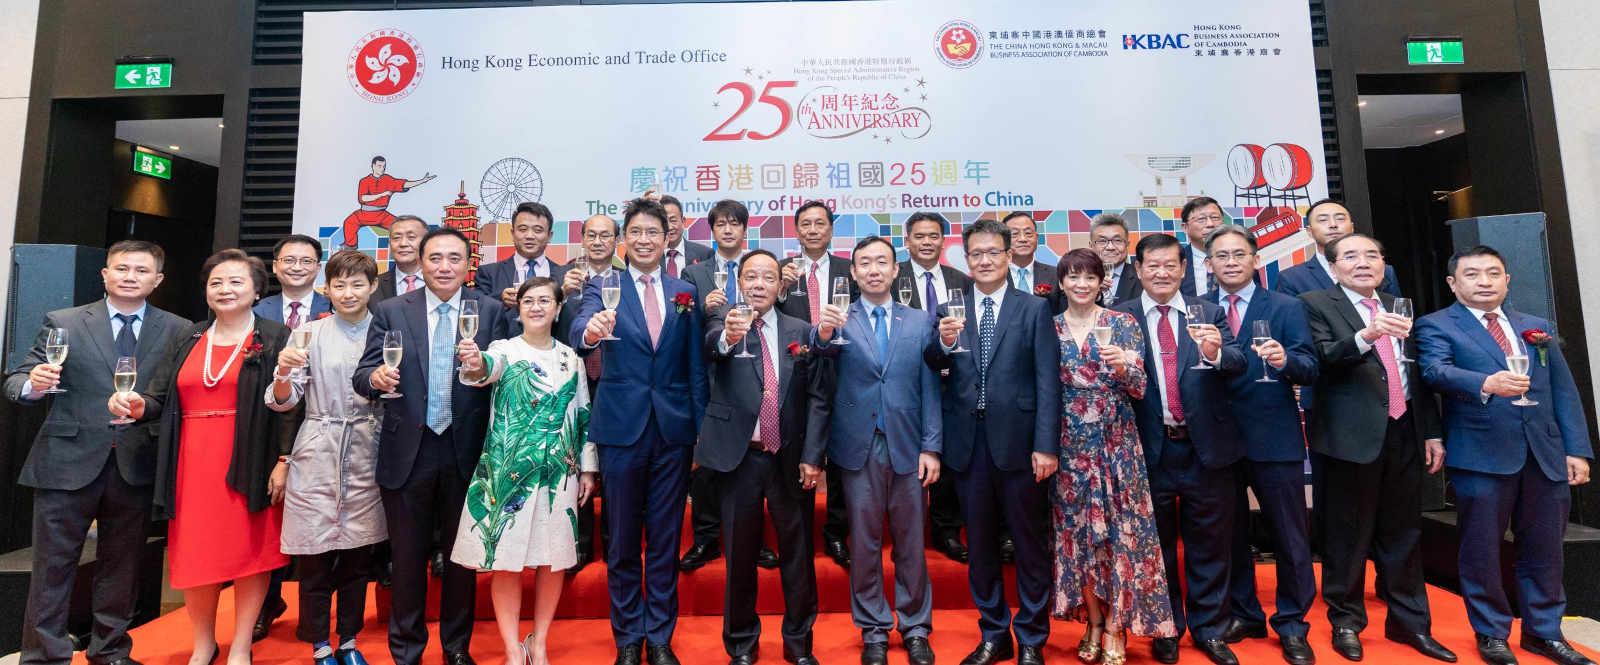 hong kong business association of home hkbac